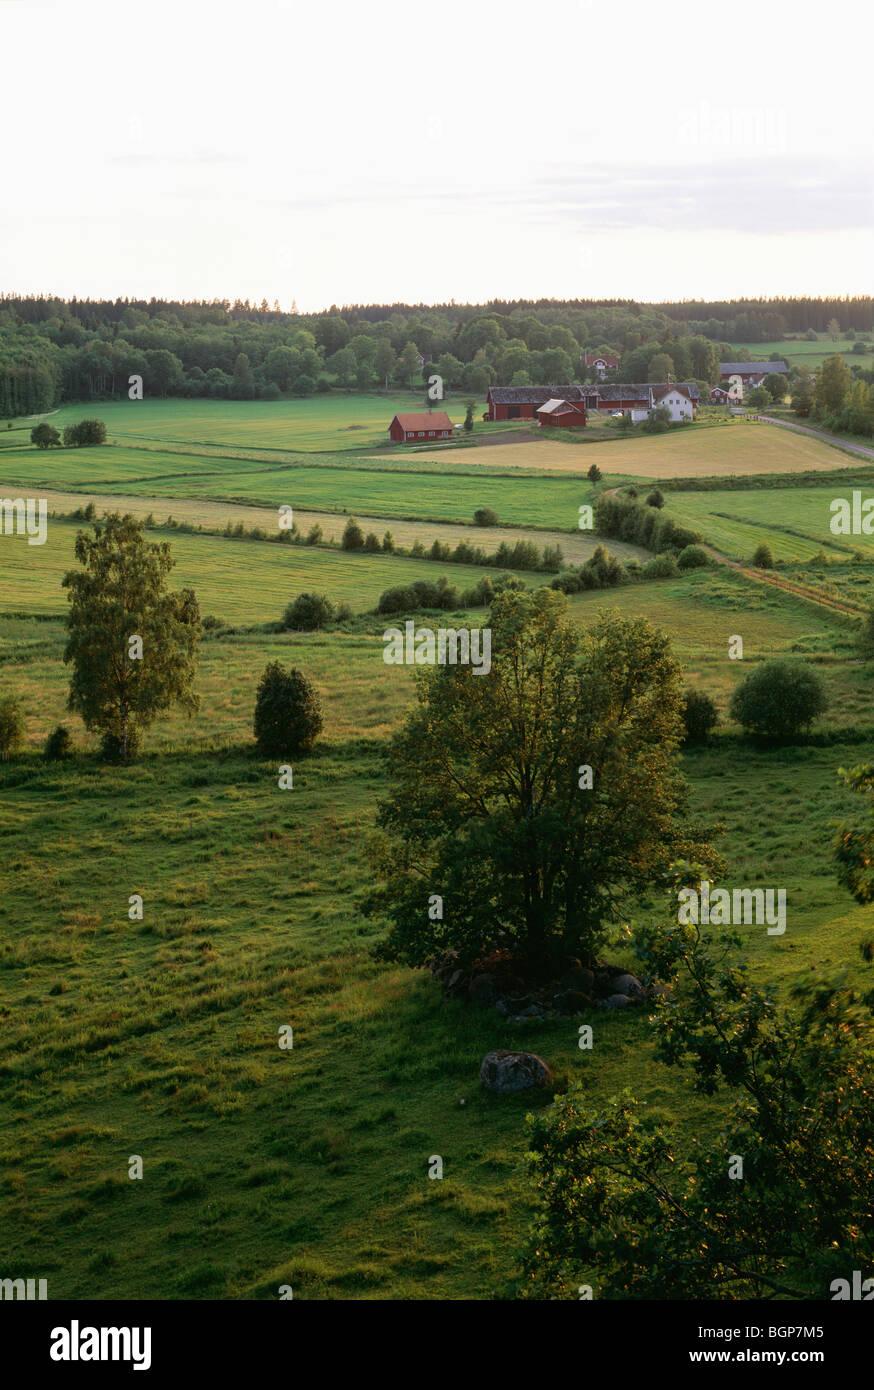 Distretto agricolo, Smaland, Svezia. Immagini Stock